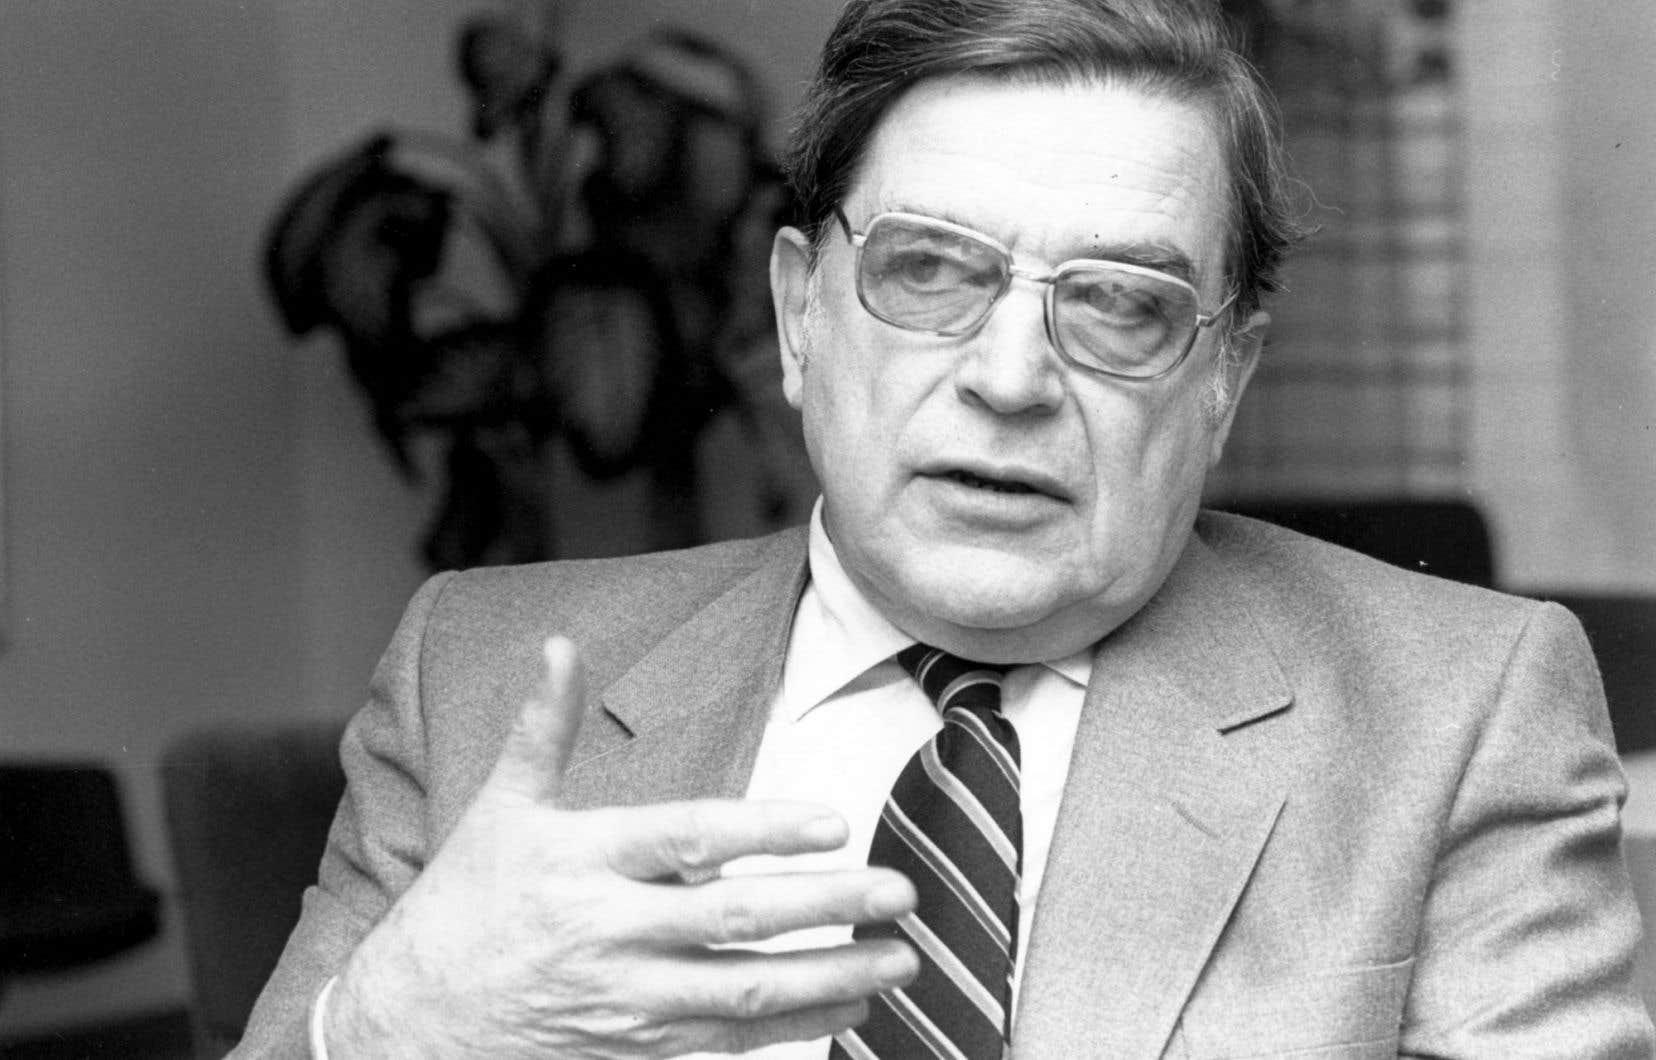 Universitaire de carrière et gestionnaire reconnu, Roland Parenteau a participé et contribué directement à façonner le Québec des décennies 1960, 1970 et 1980.